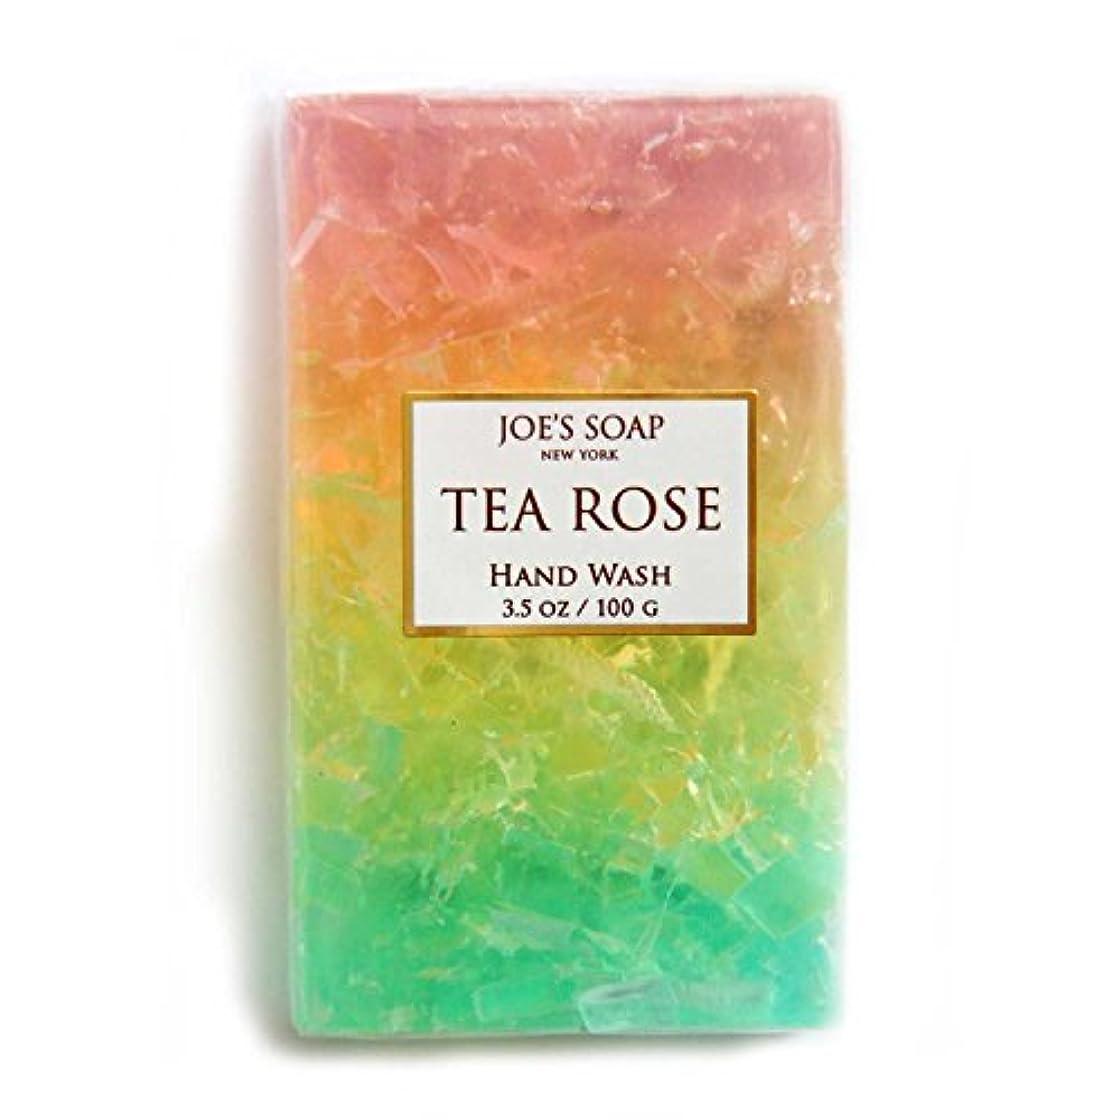 害虫マント真似るJOE'S SOAP ジョーズソープ グラスソープ 100g 石けん ボディソープ 洗顔料 せっけん 固形 ギフト